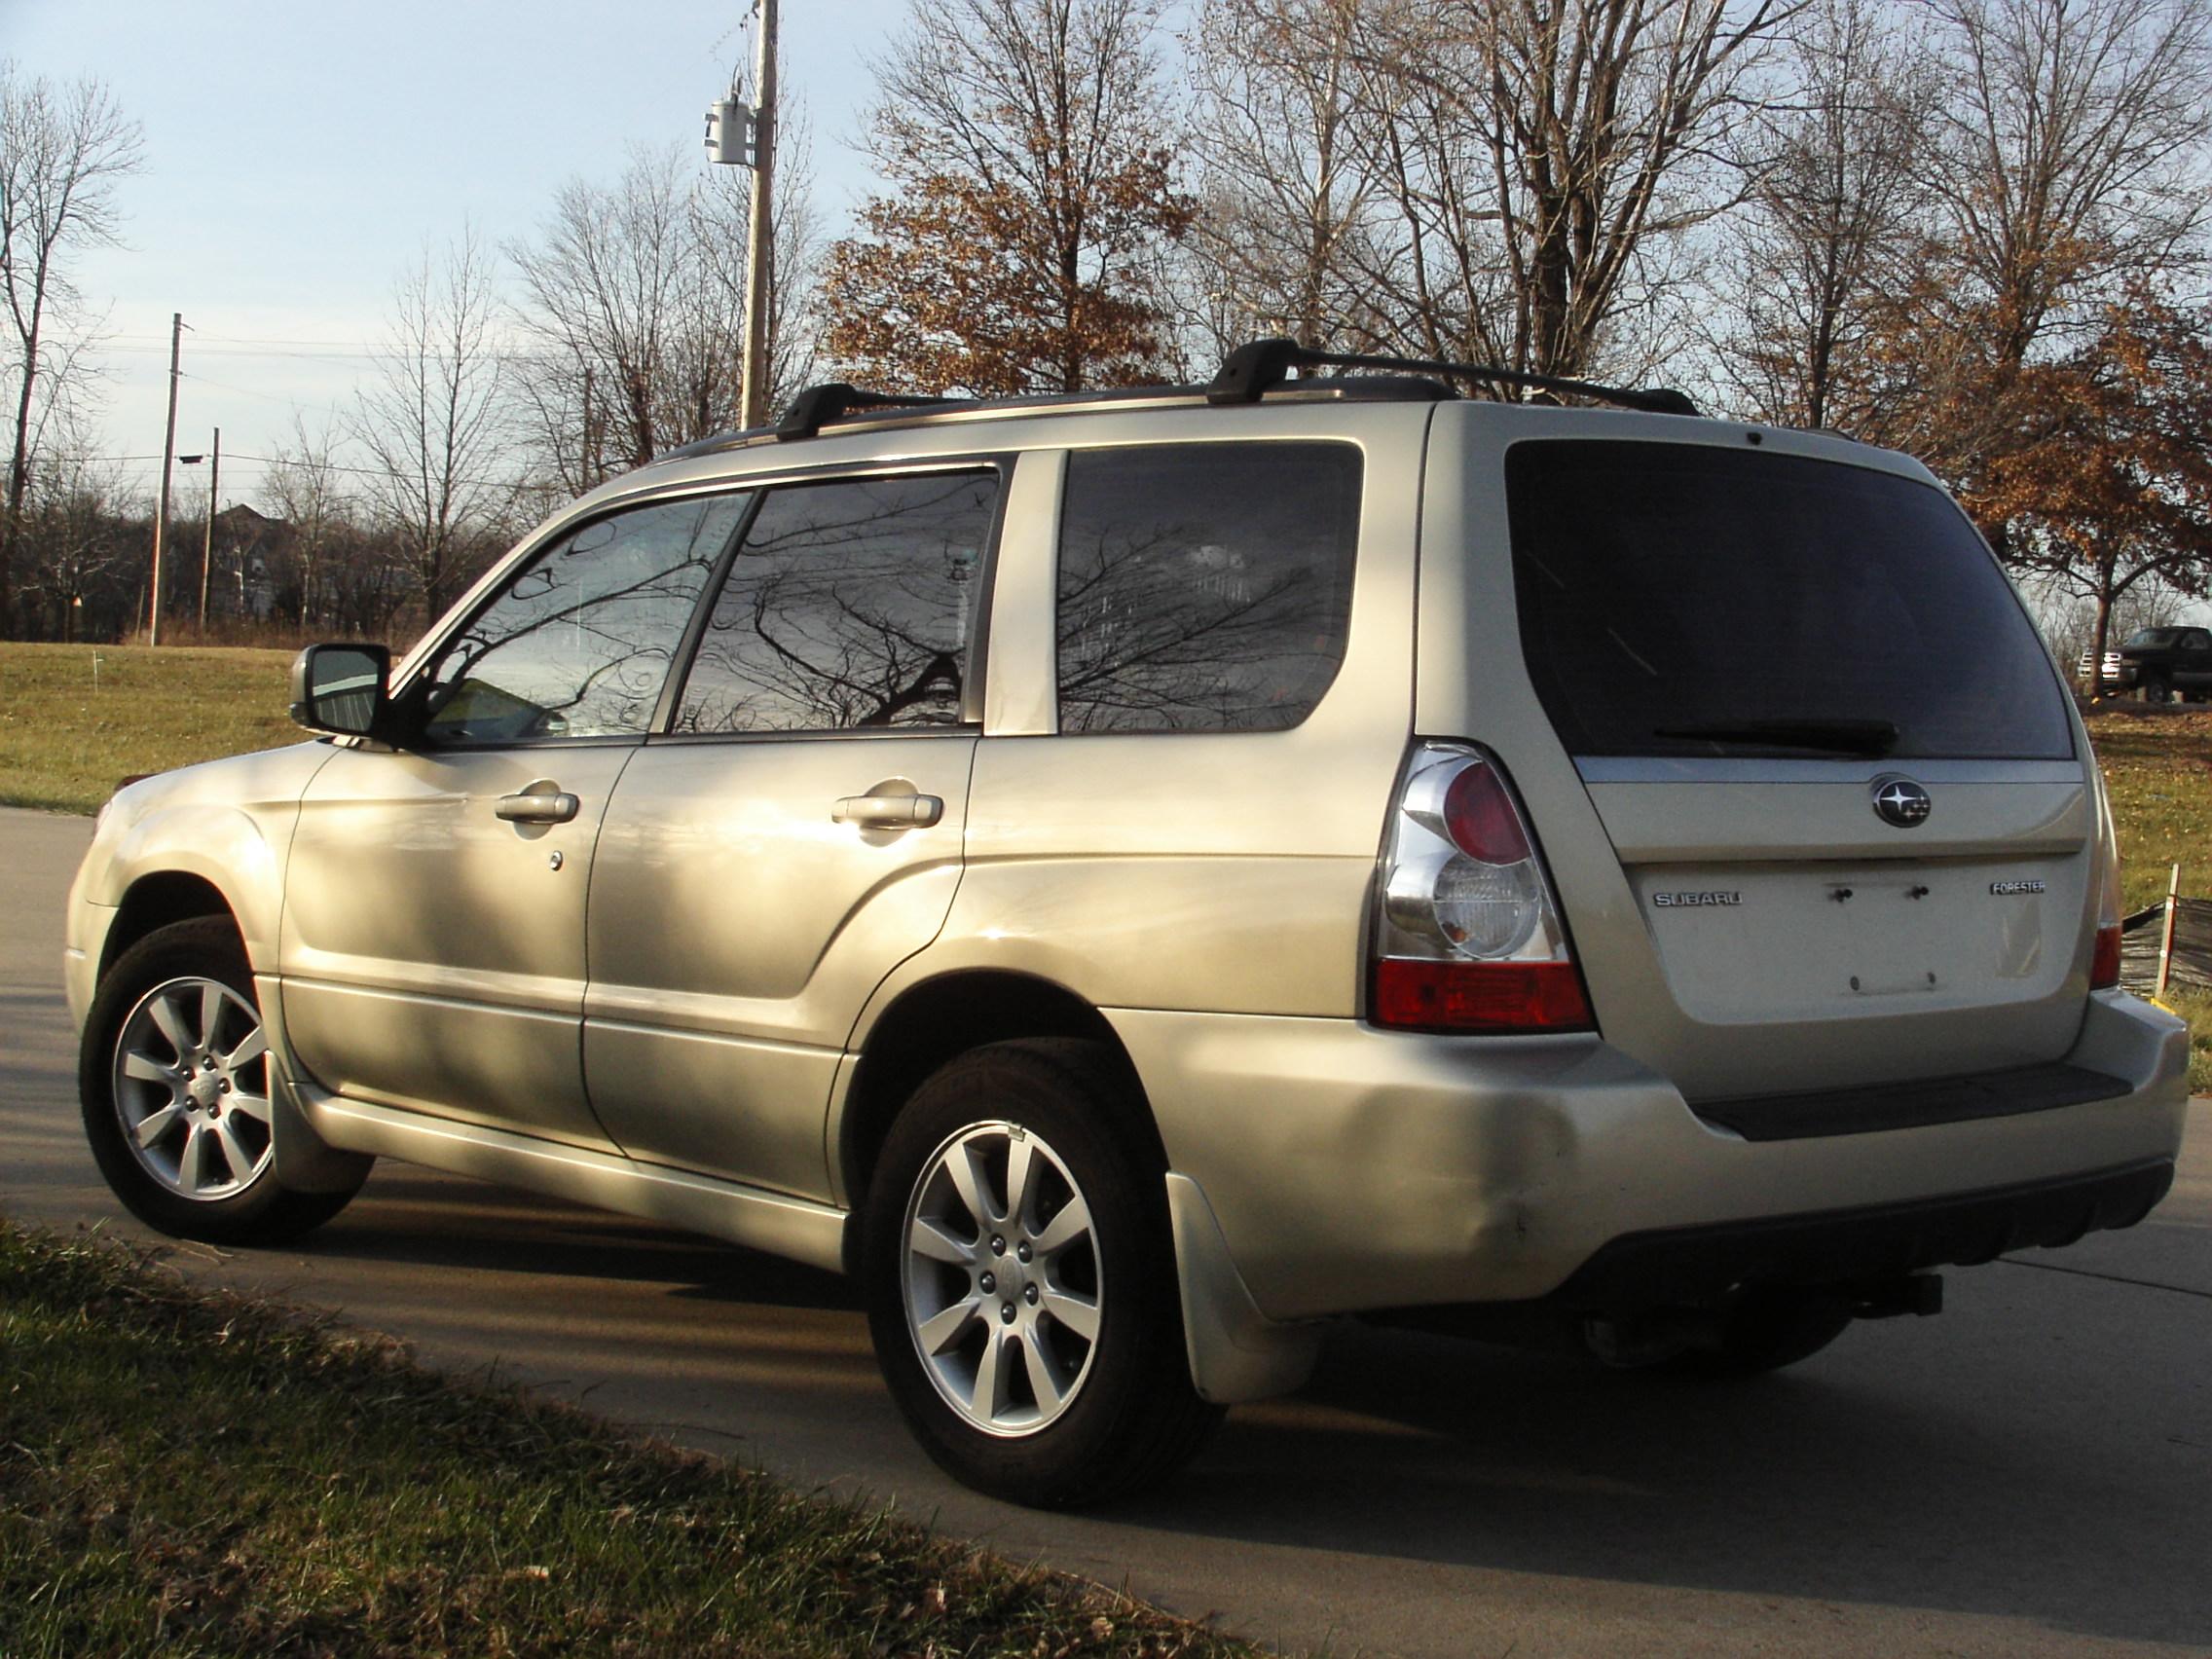 2006 Subaru Forester Premium - CoMoMotors